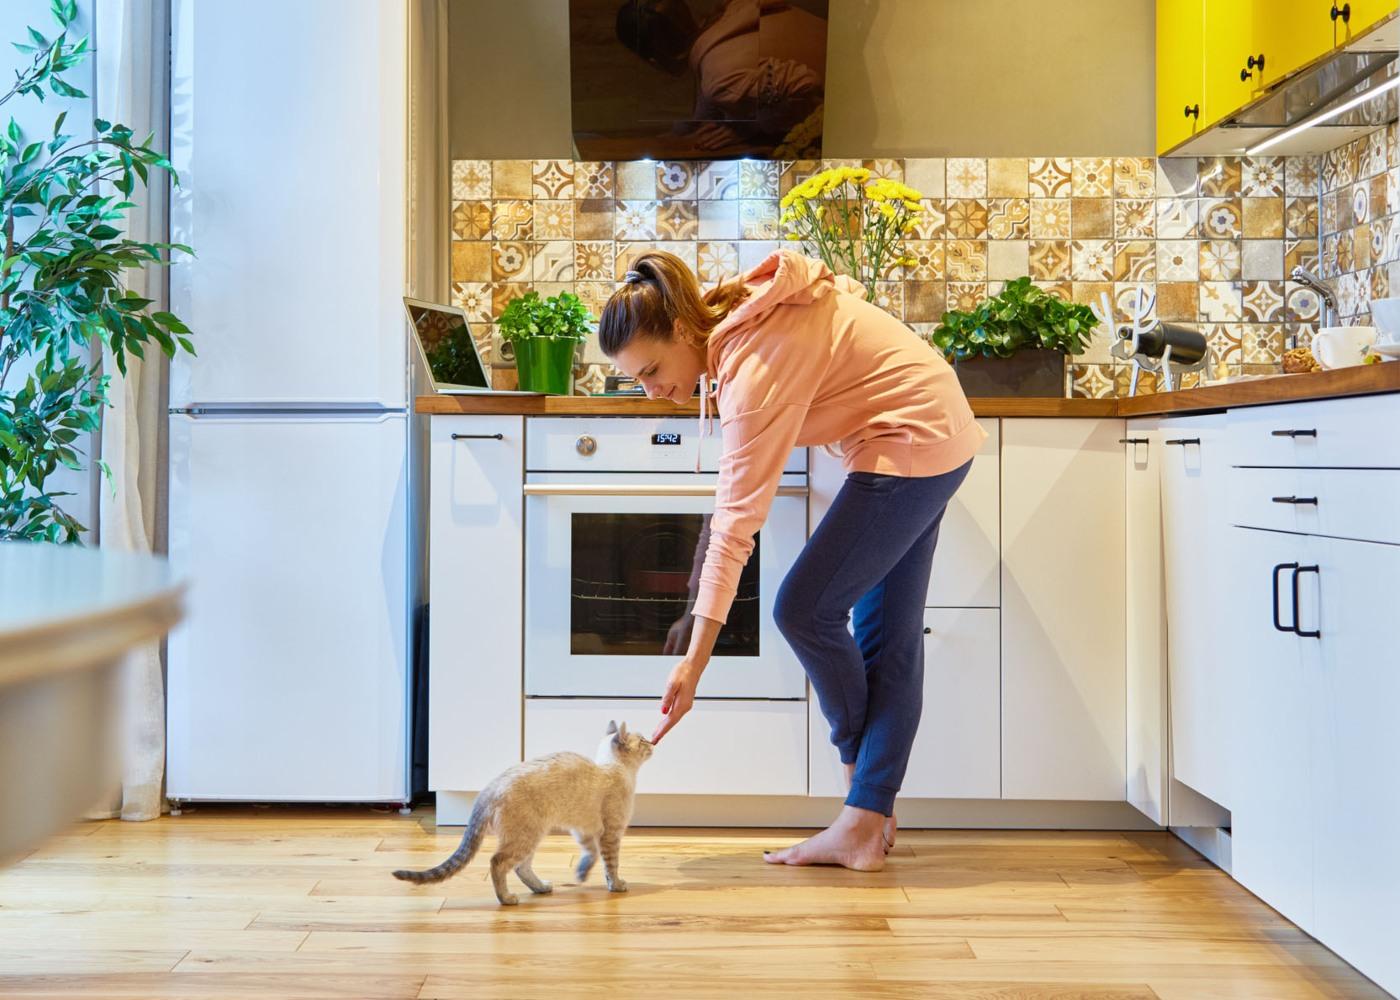 ter animais em casa alugada